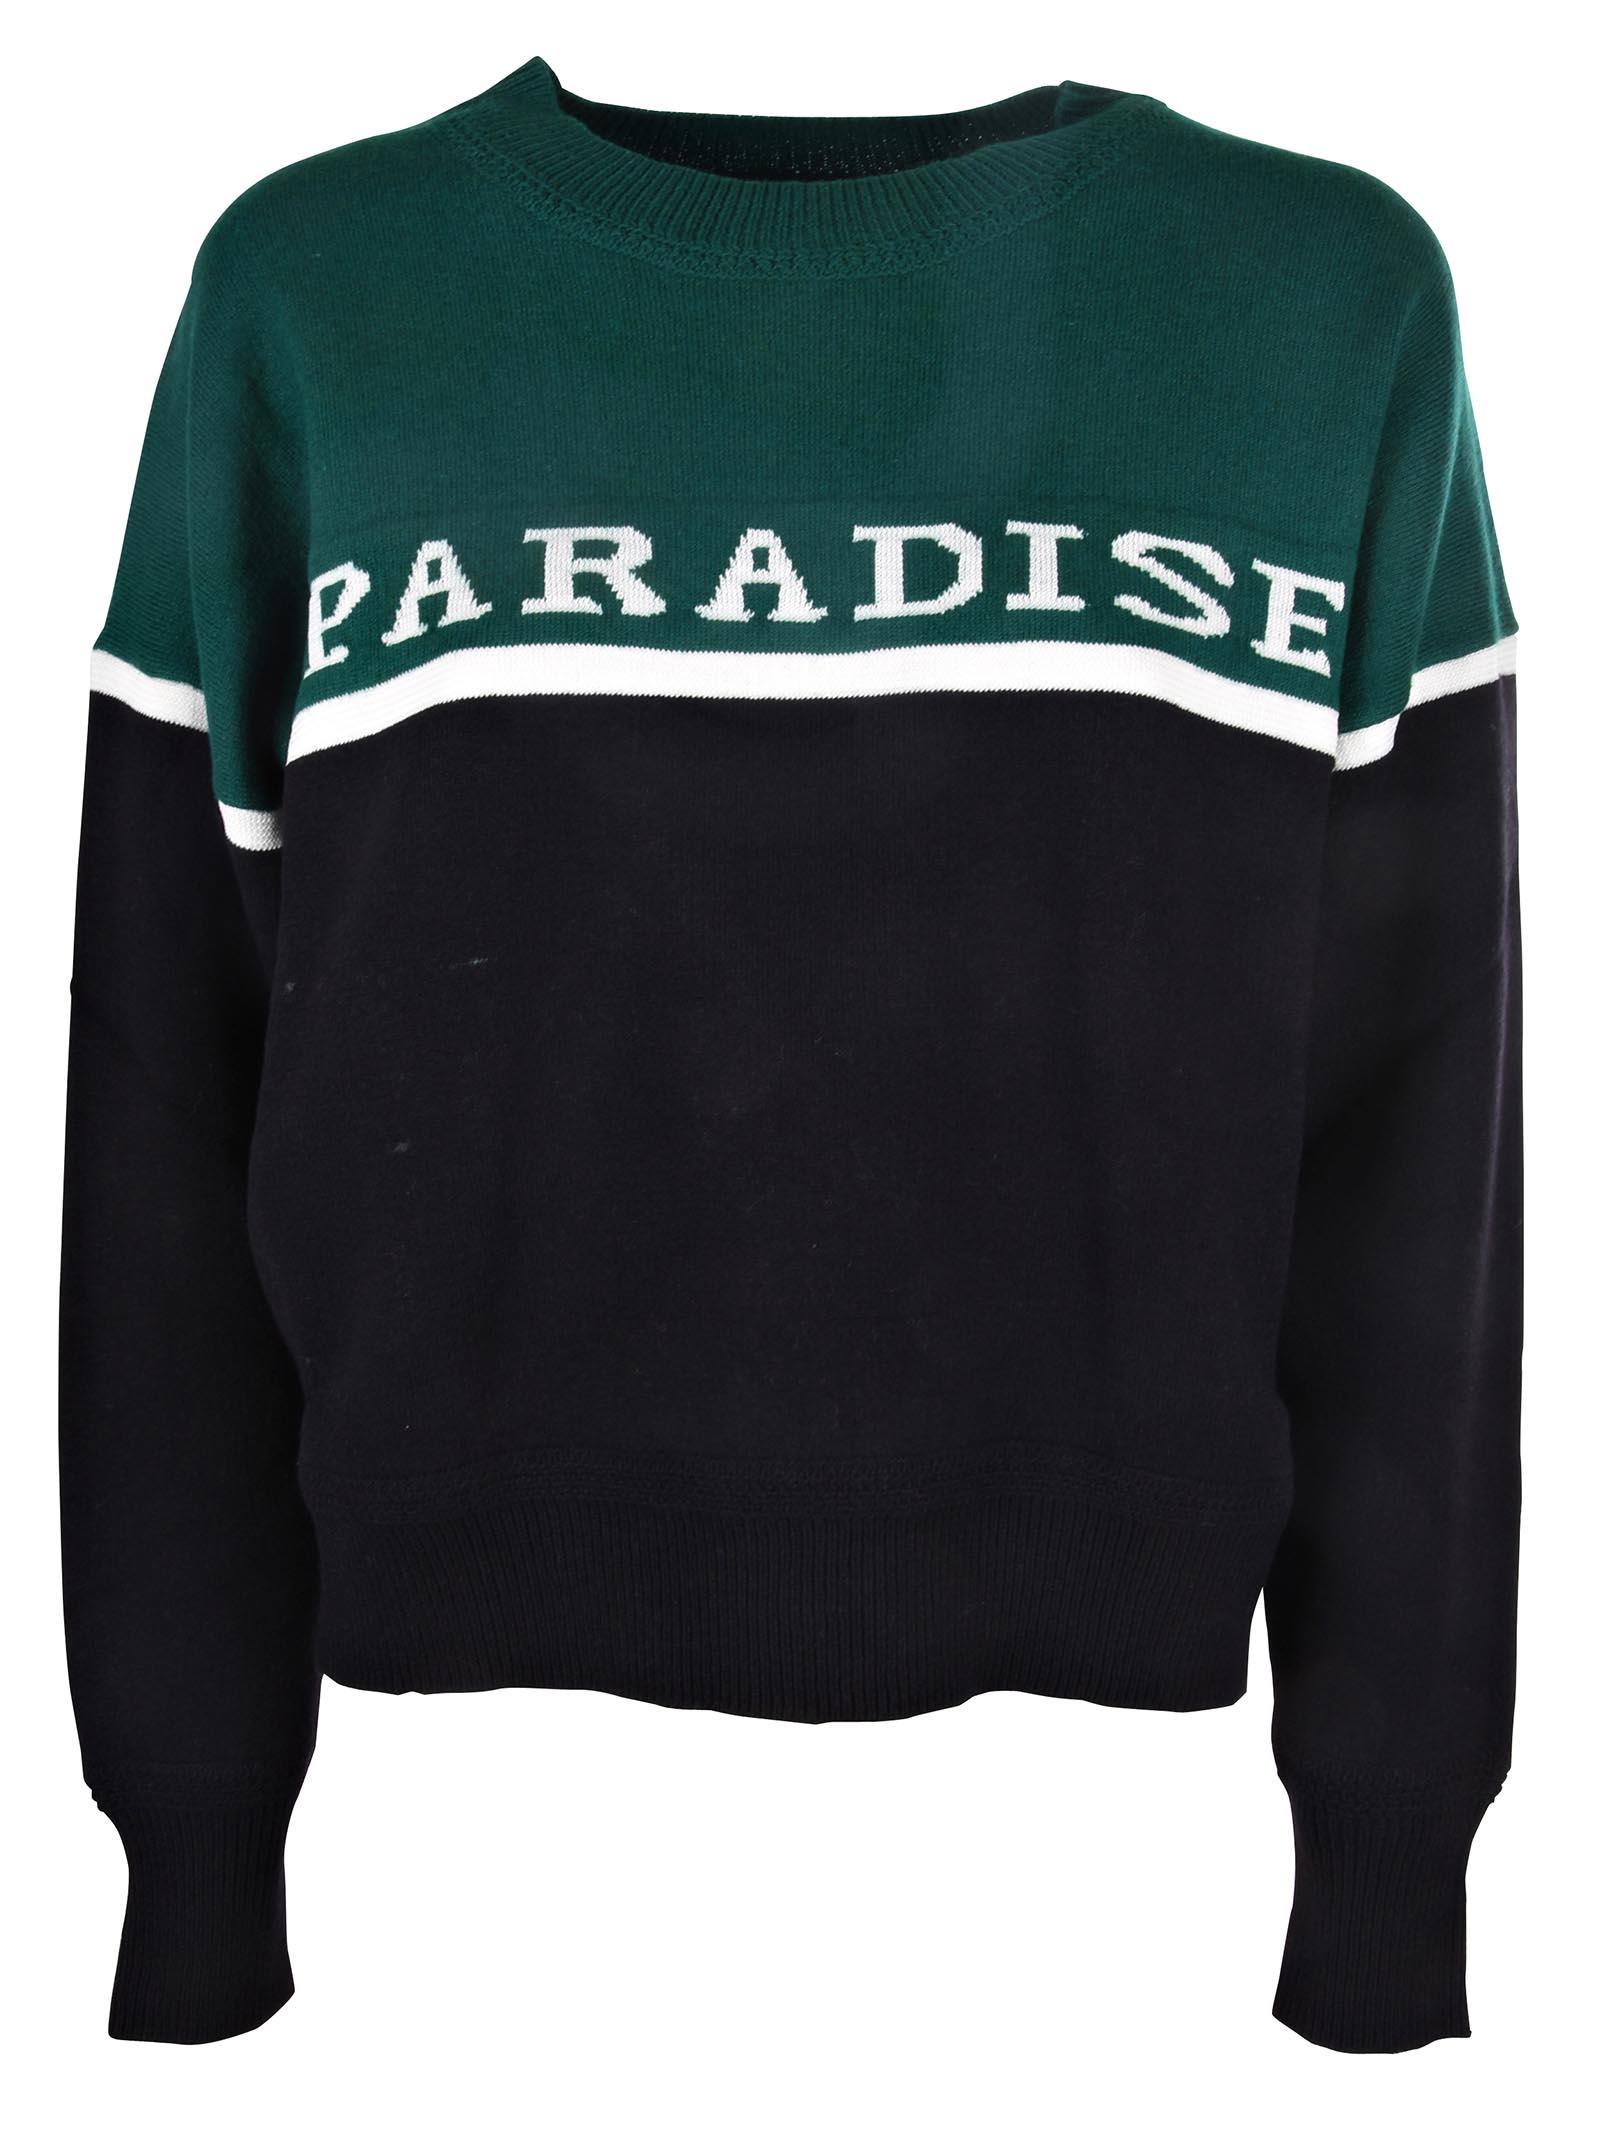 Isabel Etoile Marant Paradise Sweater